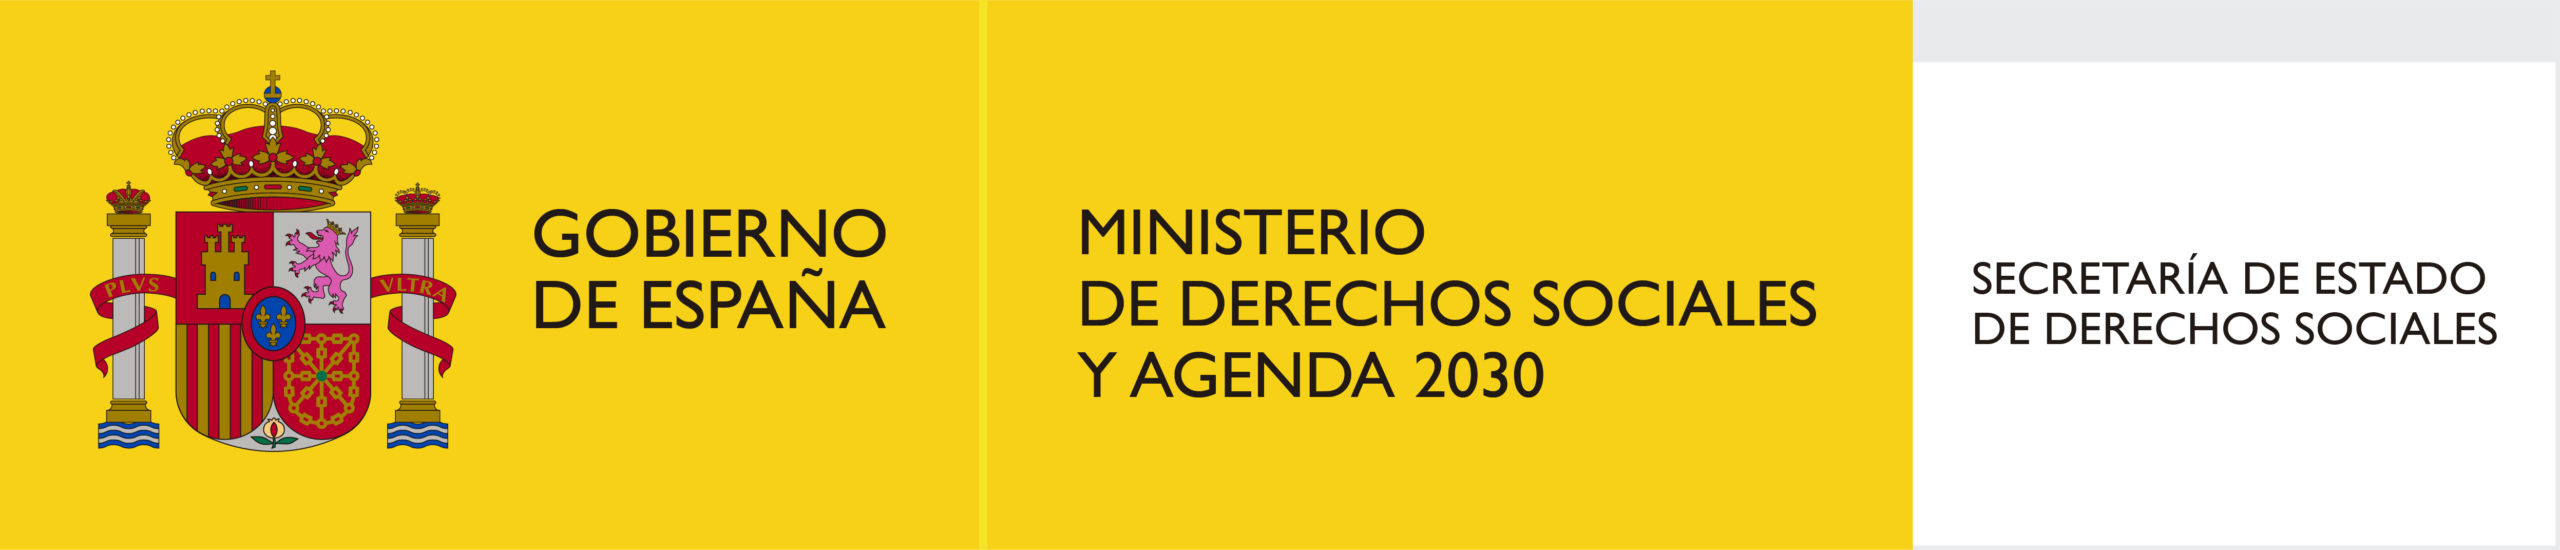 Logo_Secretaria_Estado_Derechos_Sociales